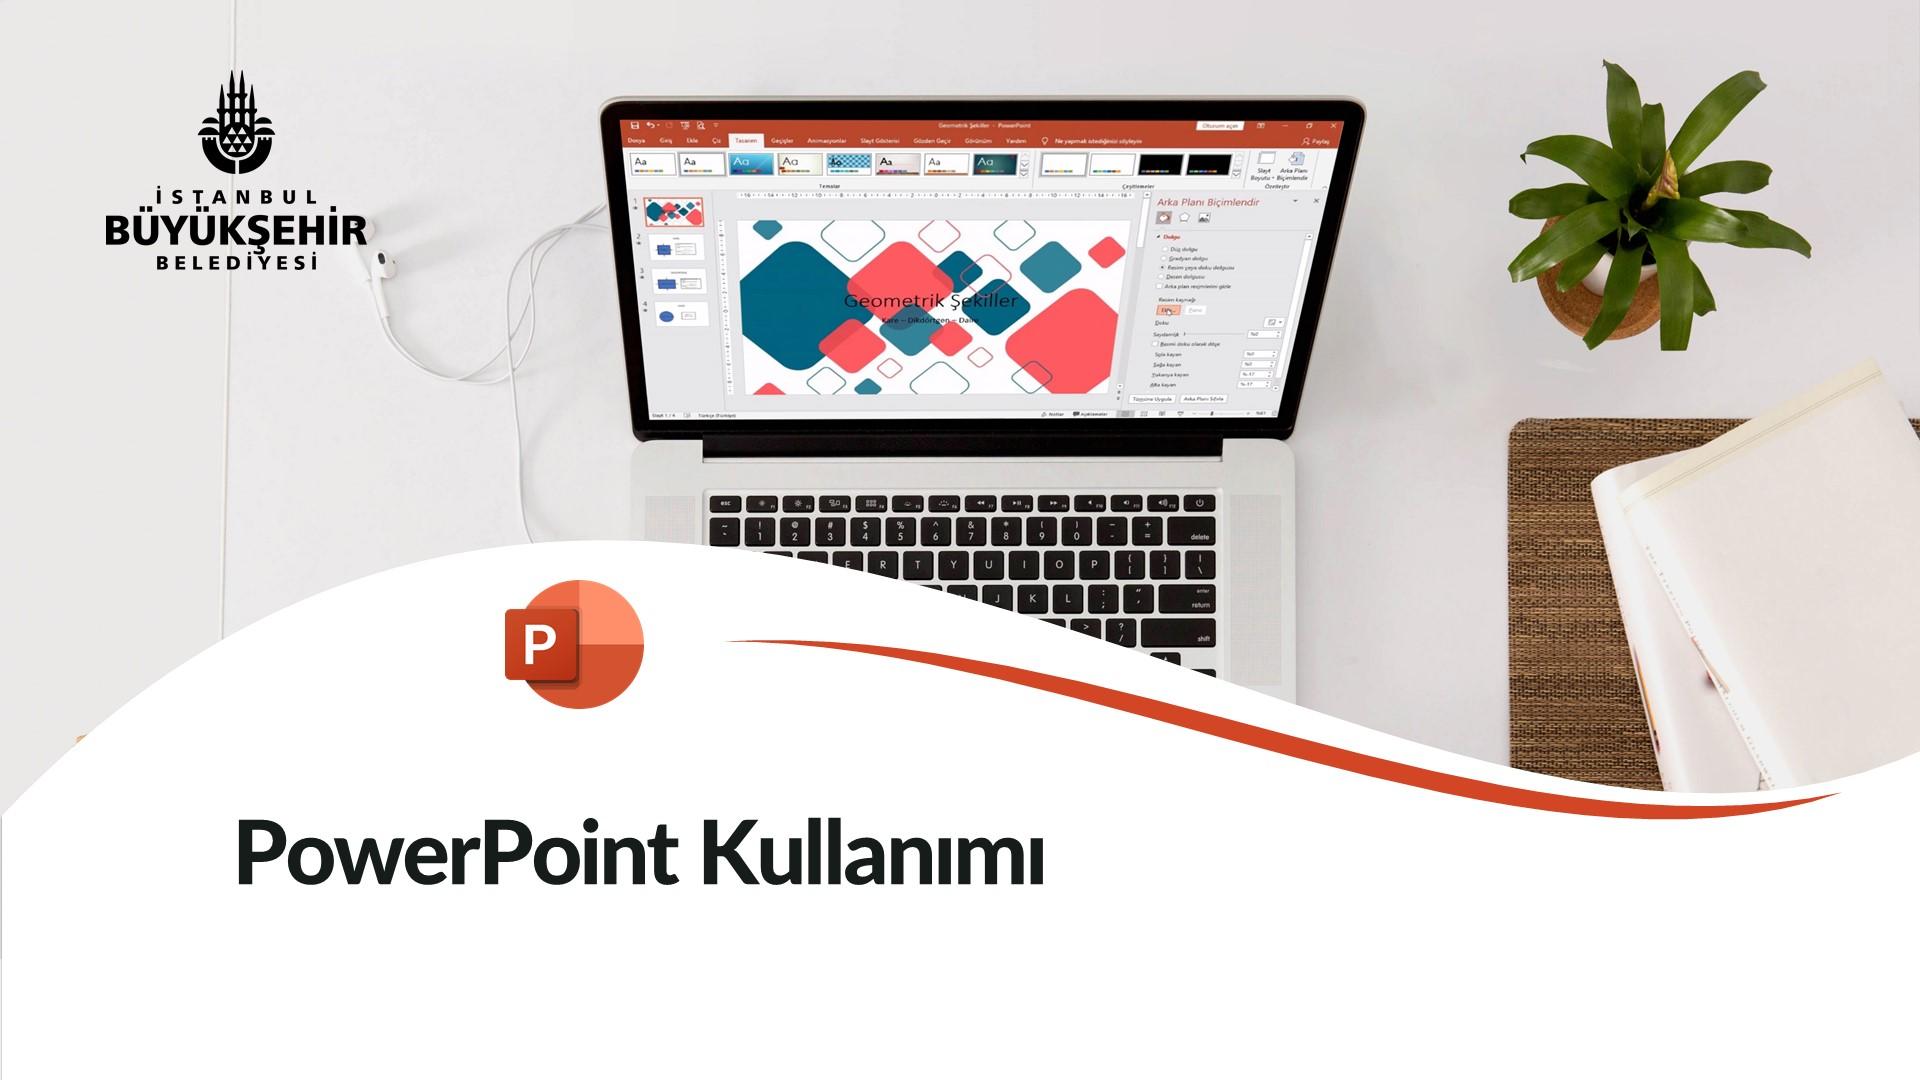 PowerPoint Kullanımı